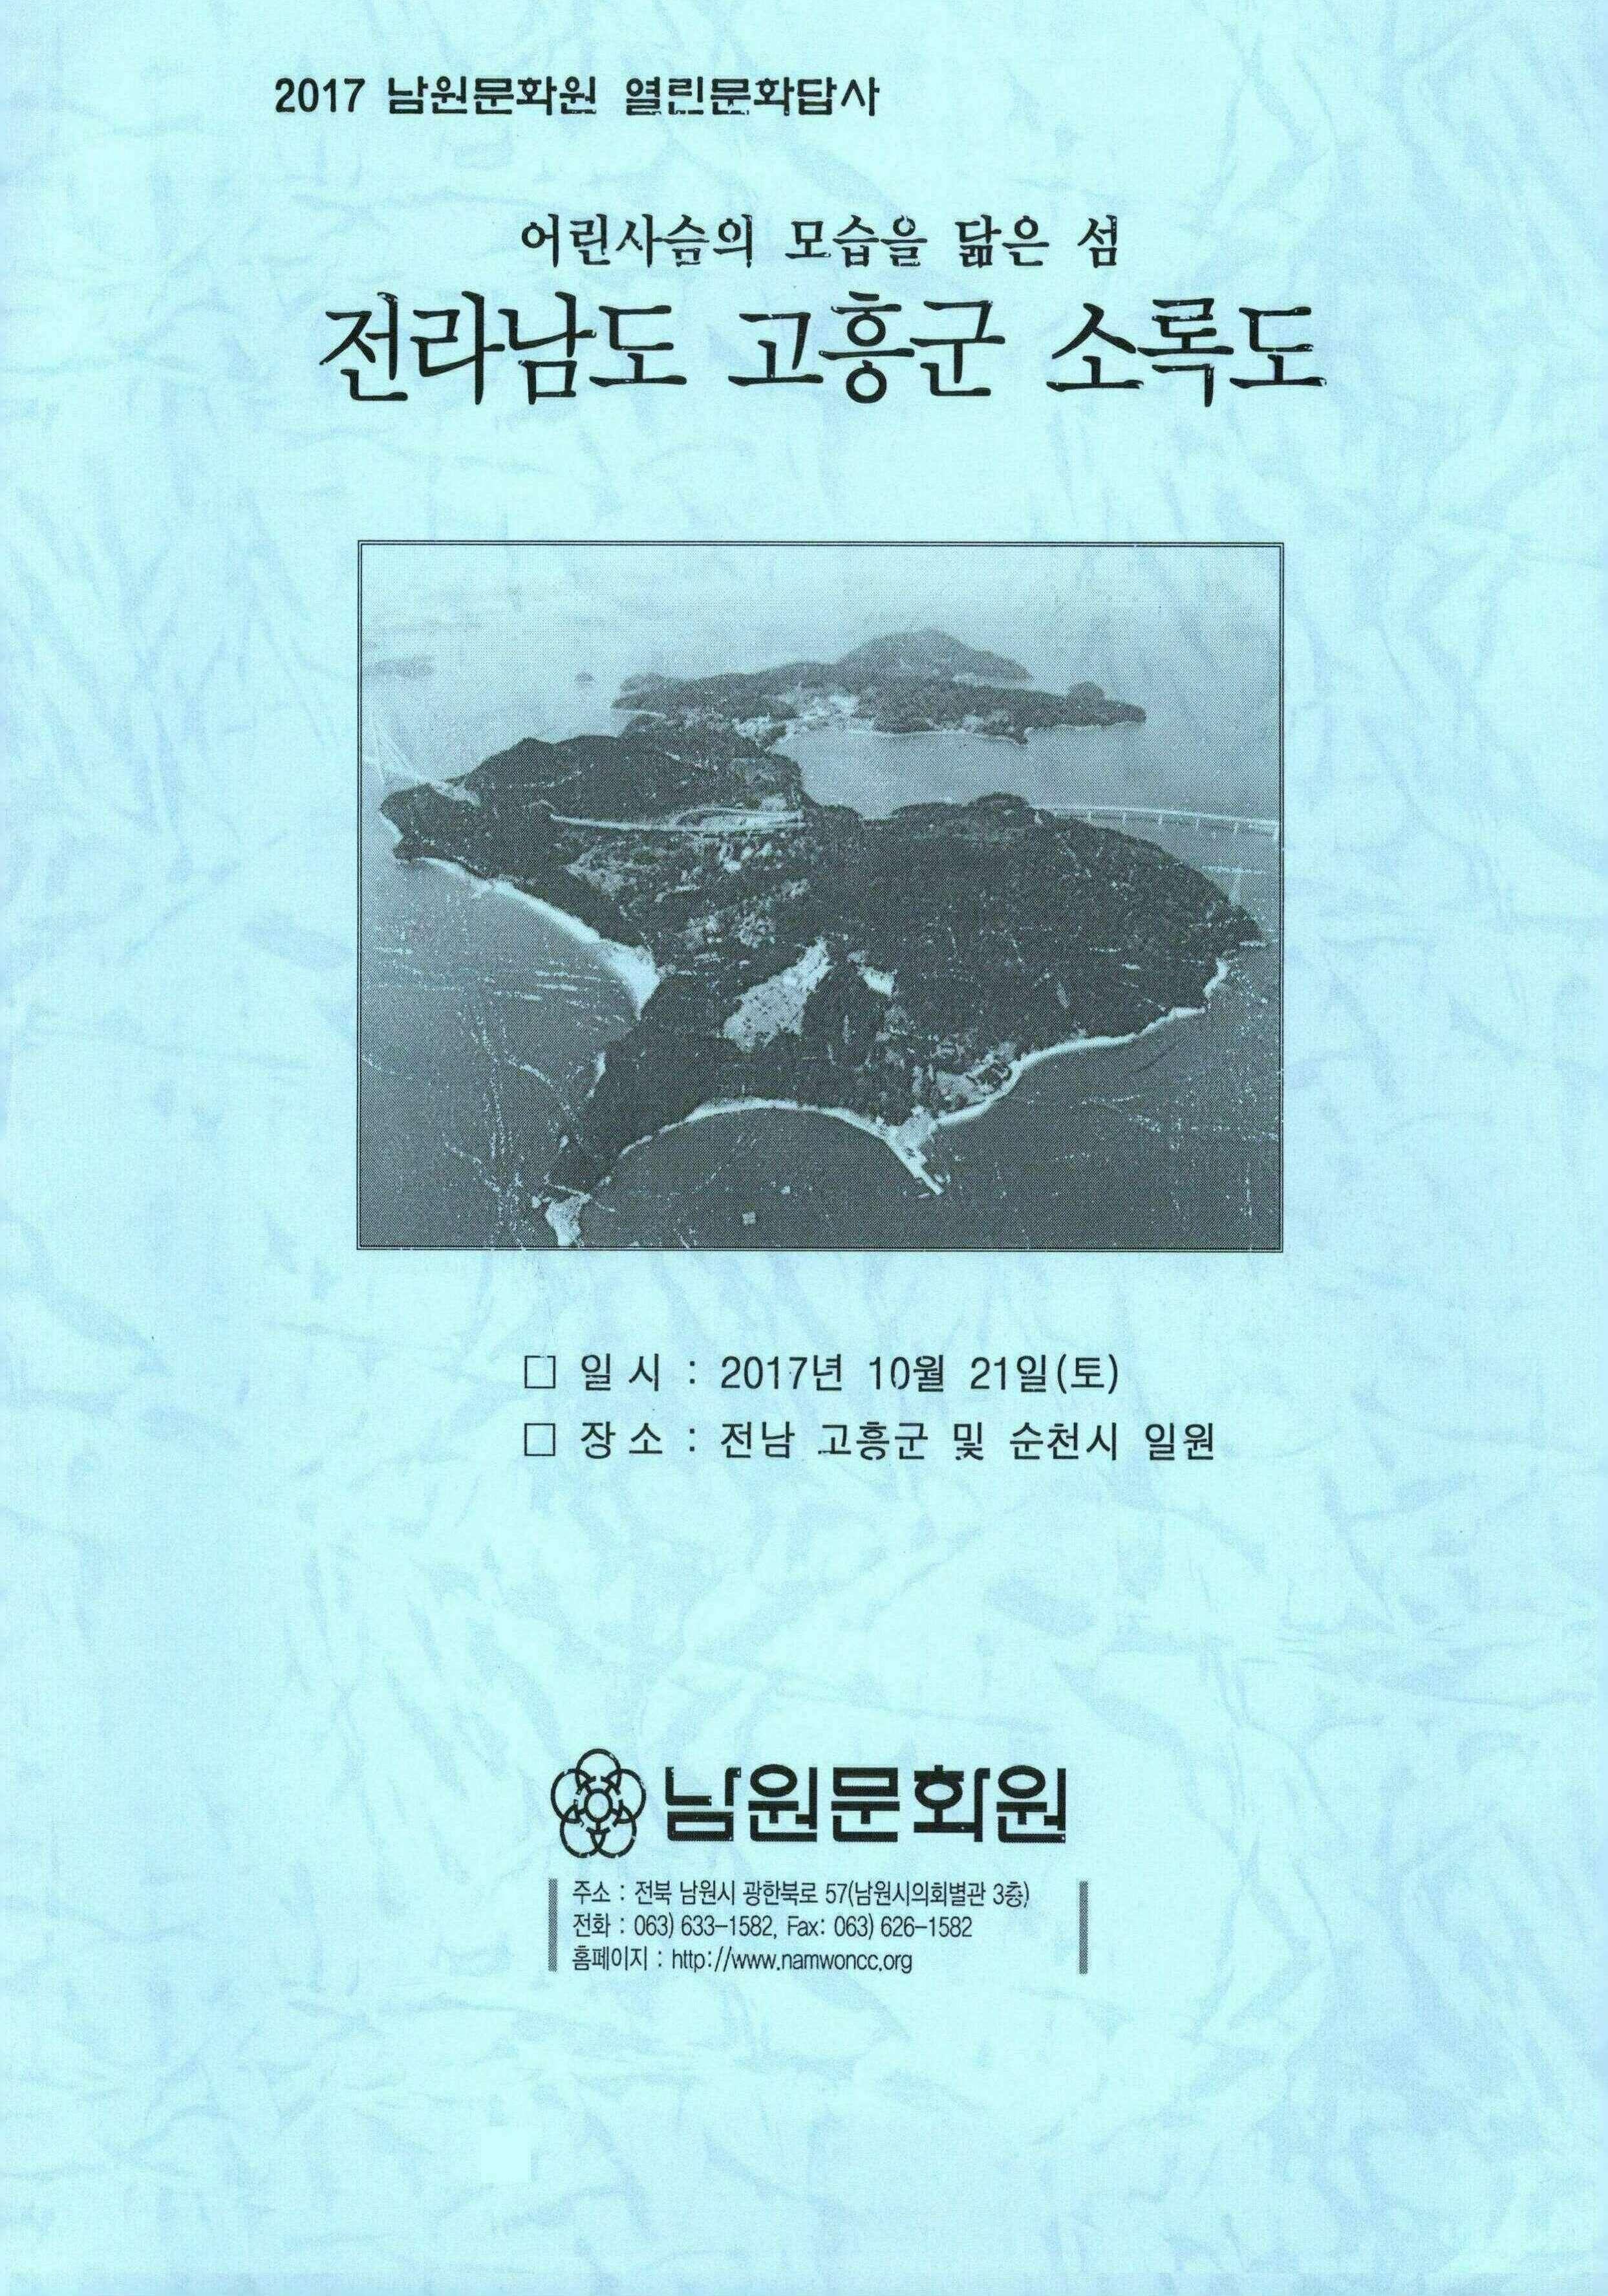 2017 남원문화원 열린문화답사 어린사슴의 모습을 닮은 섬 전라남도 고흥군 소록도